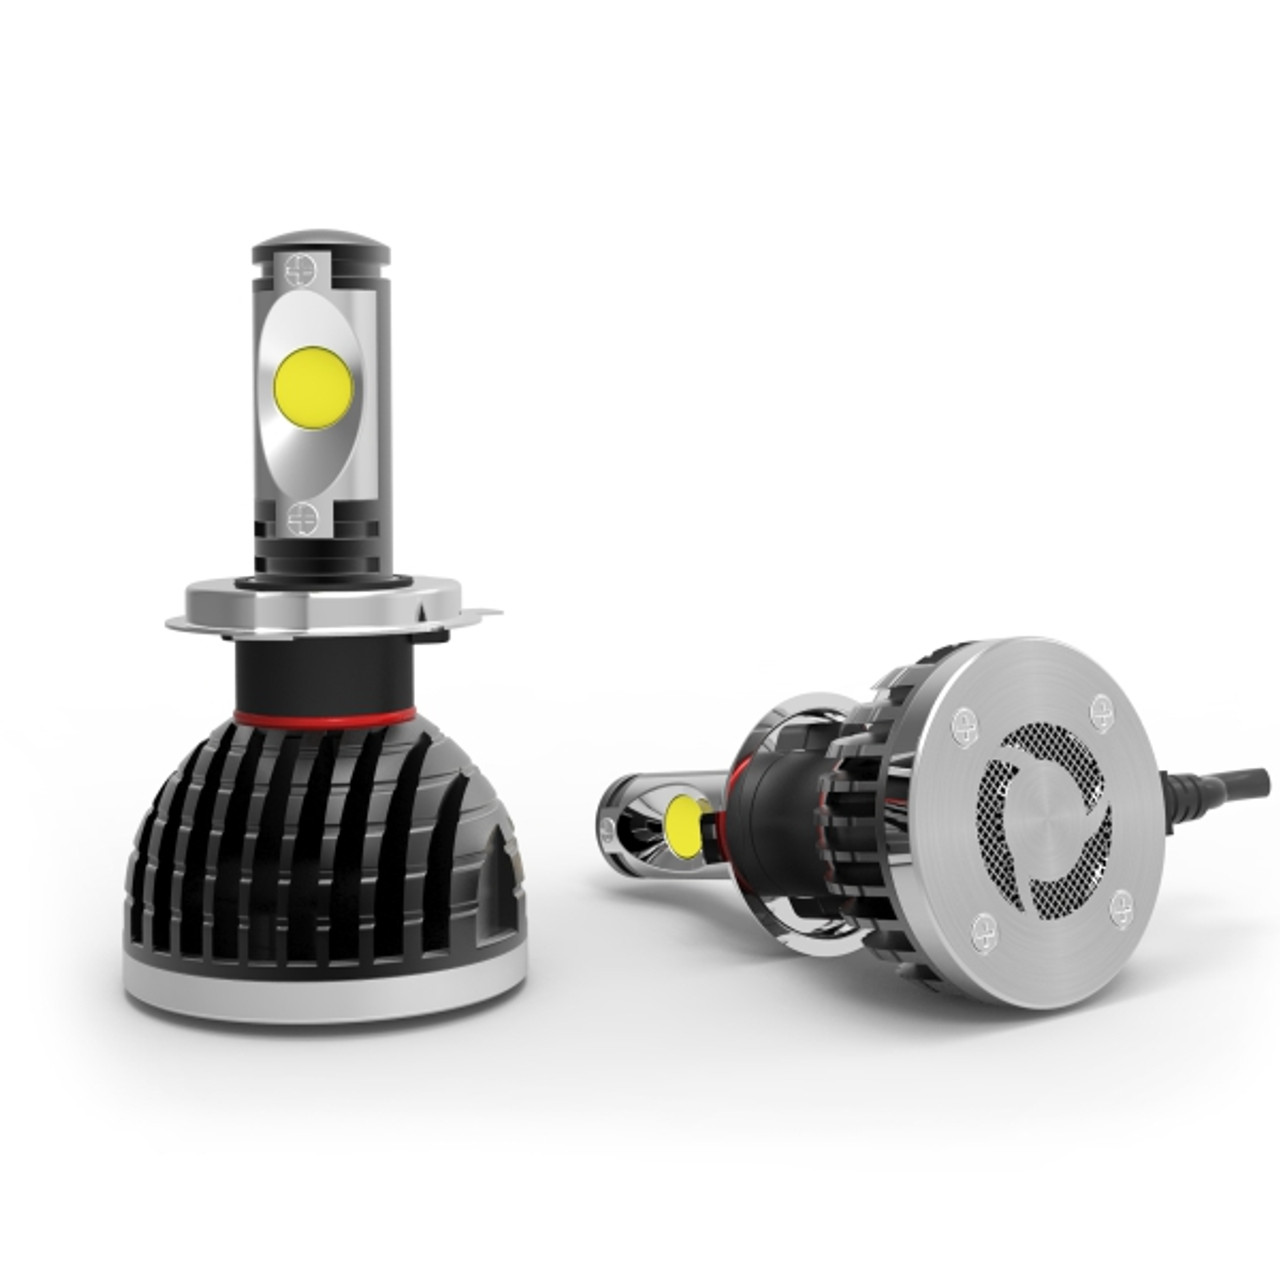 9007 Headlight Bulb Best Headlight Bulbs 9007 Led Headlight Bulbs Dirtydiesels